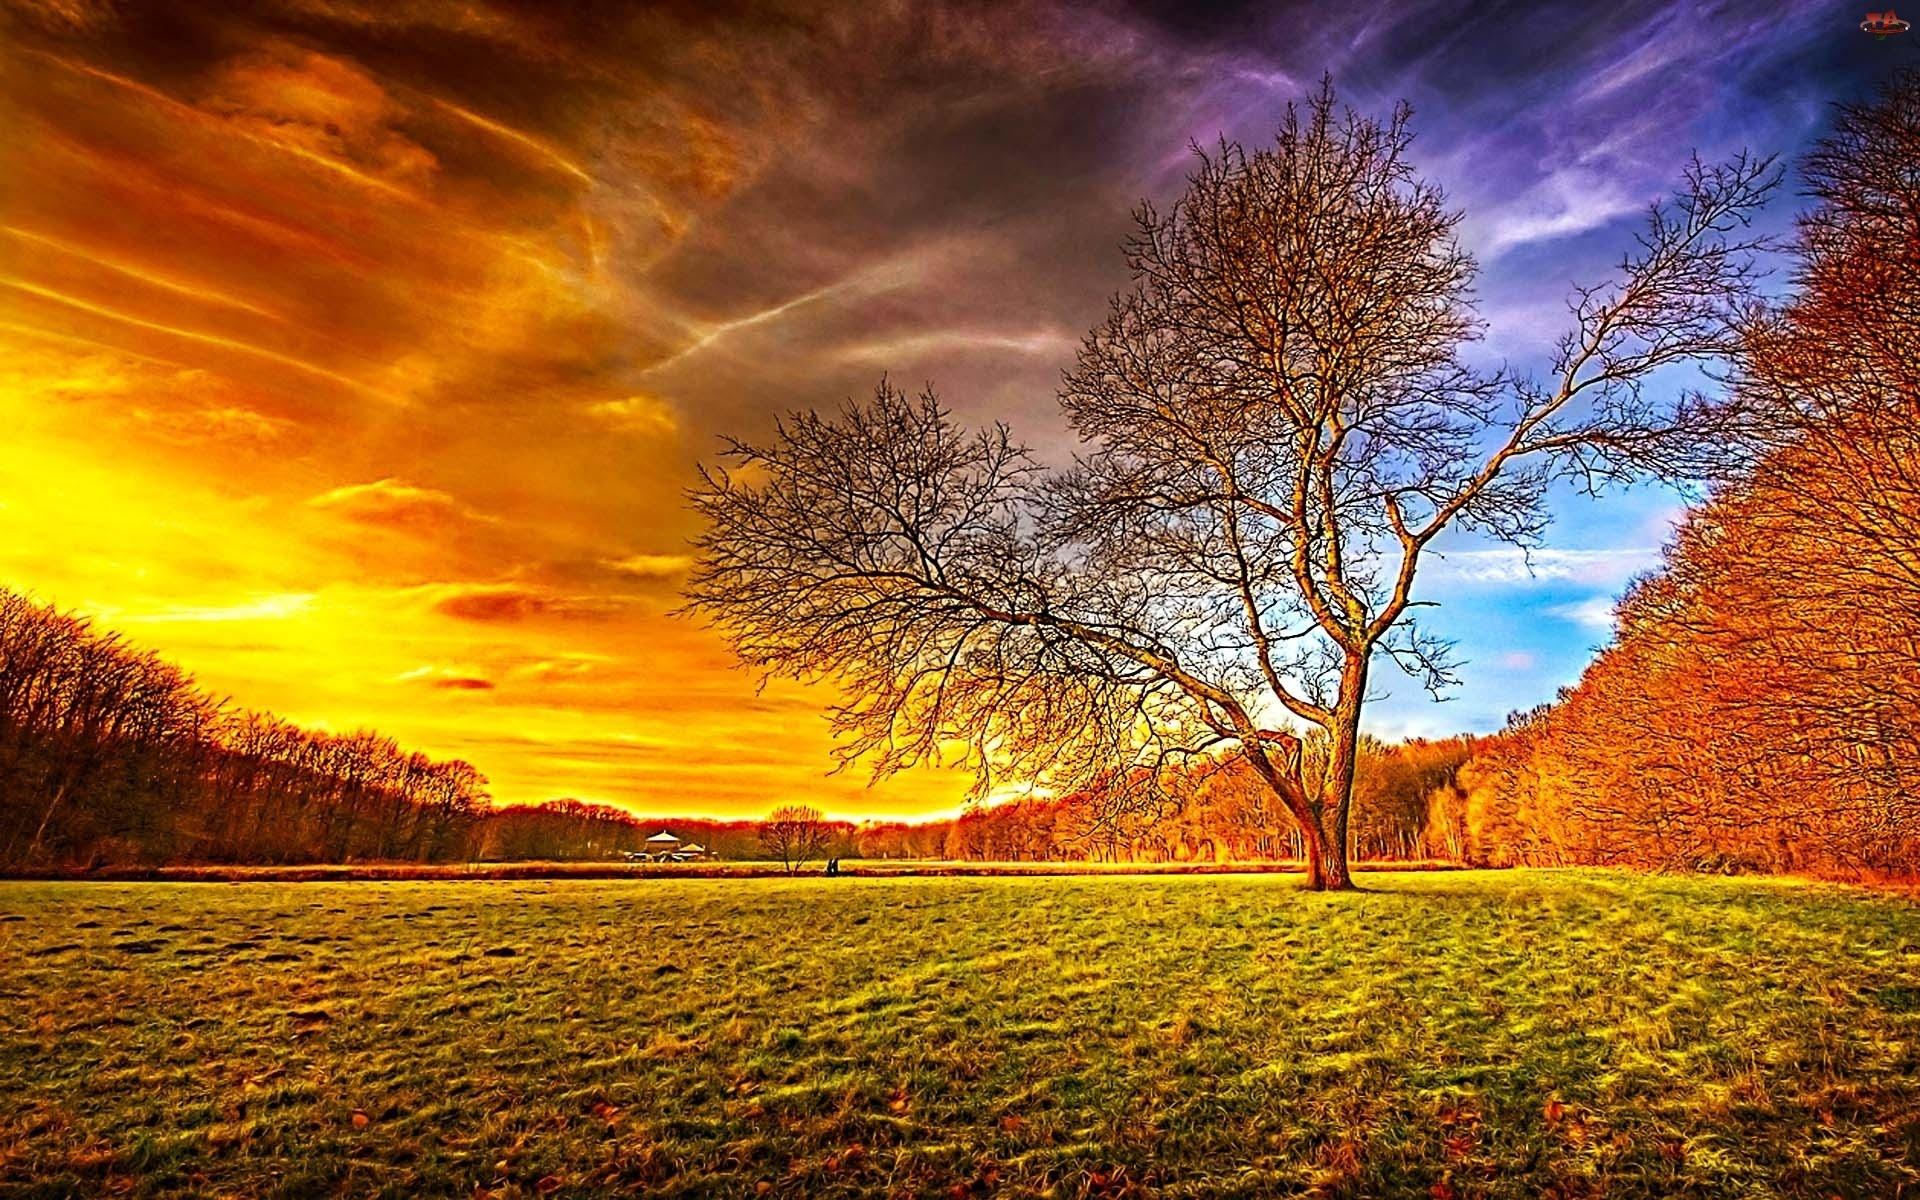 بالصور صور طبيعة جميلة , احلى خلفيات اشجار وسماء وبحار روعه 3981